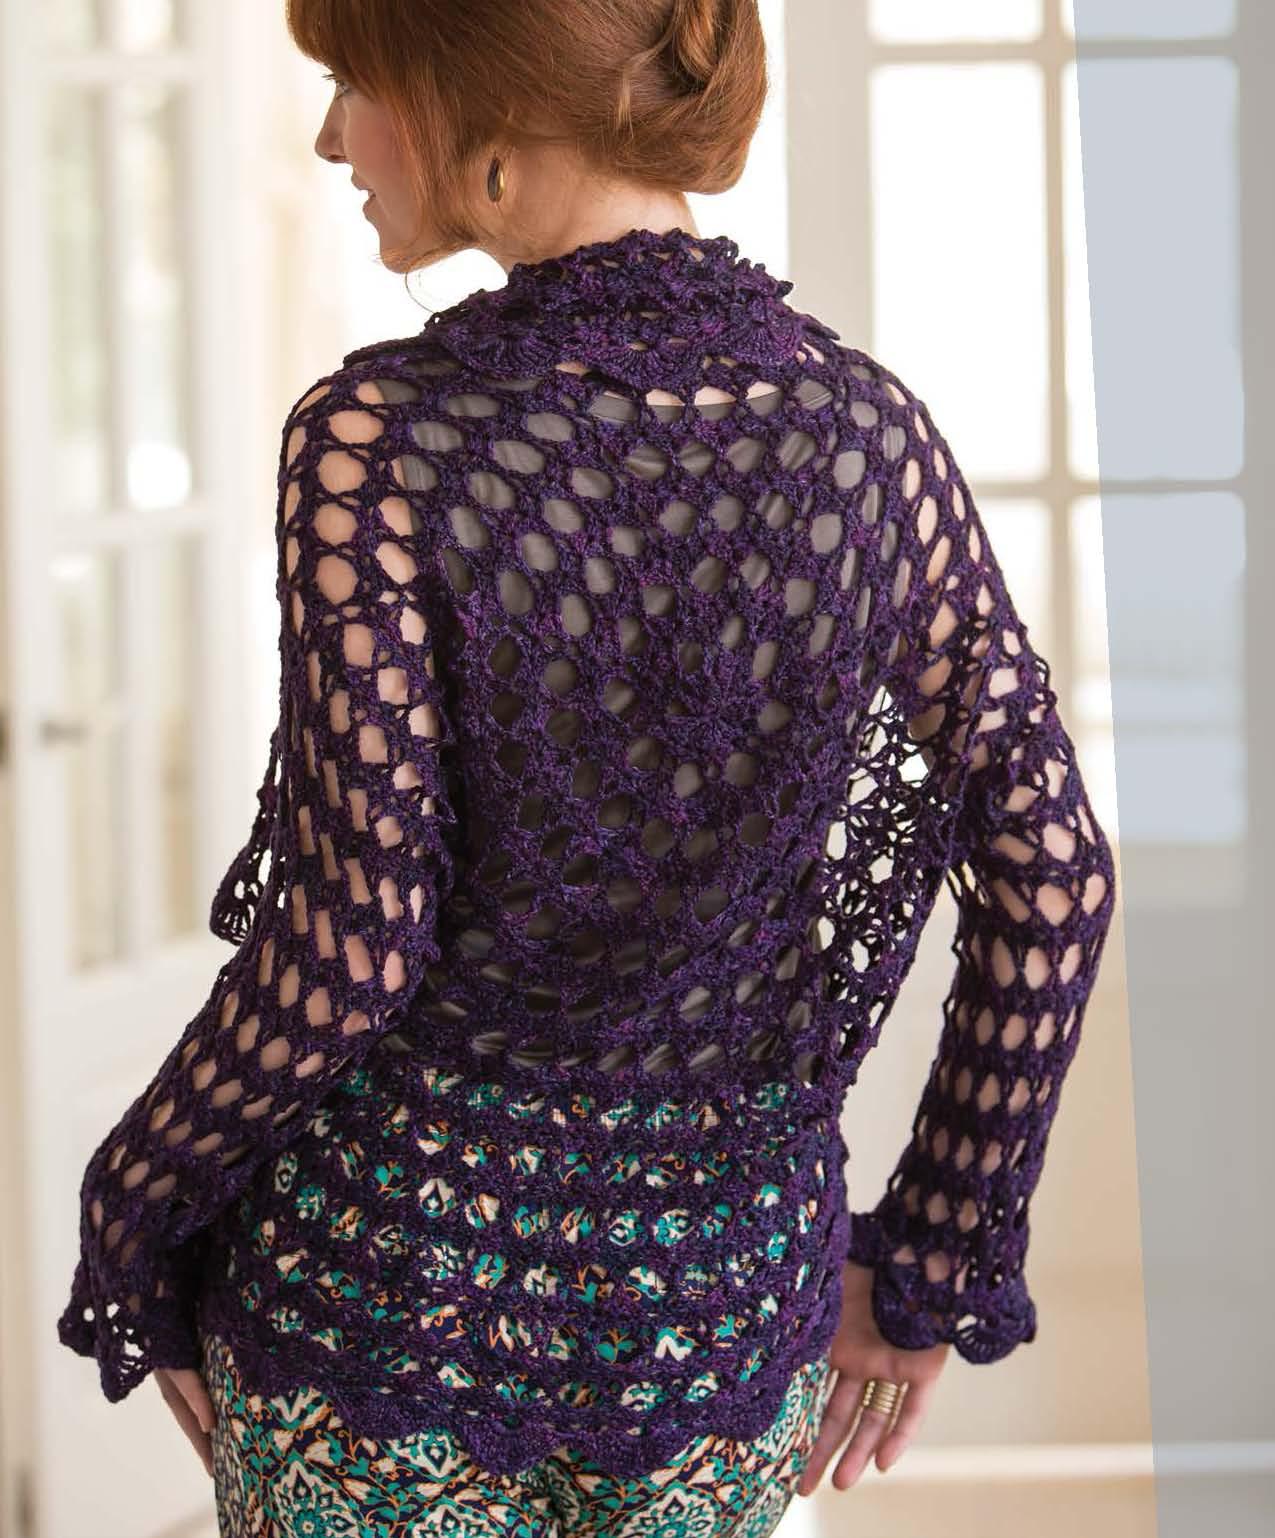 Crochet So Lovely -  Dahlia Spiral Shrug beauty shot.jpg